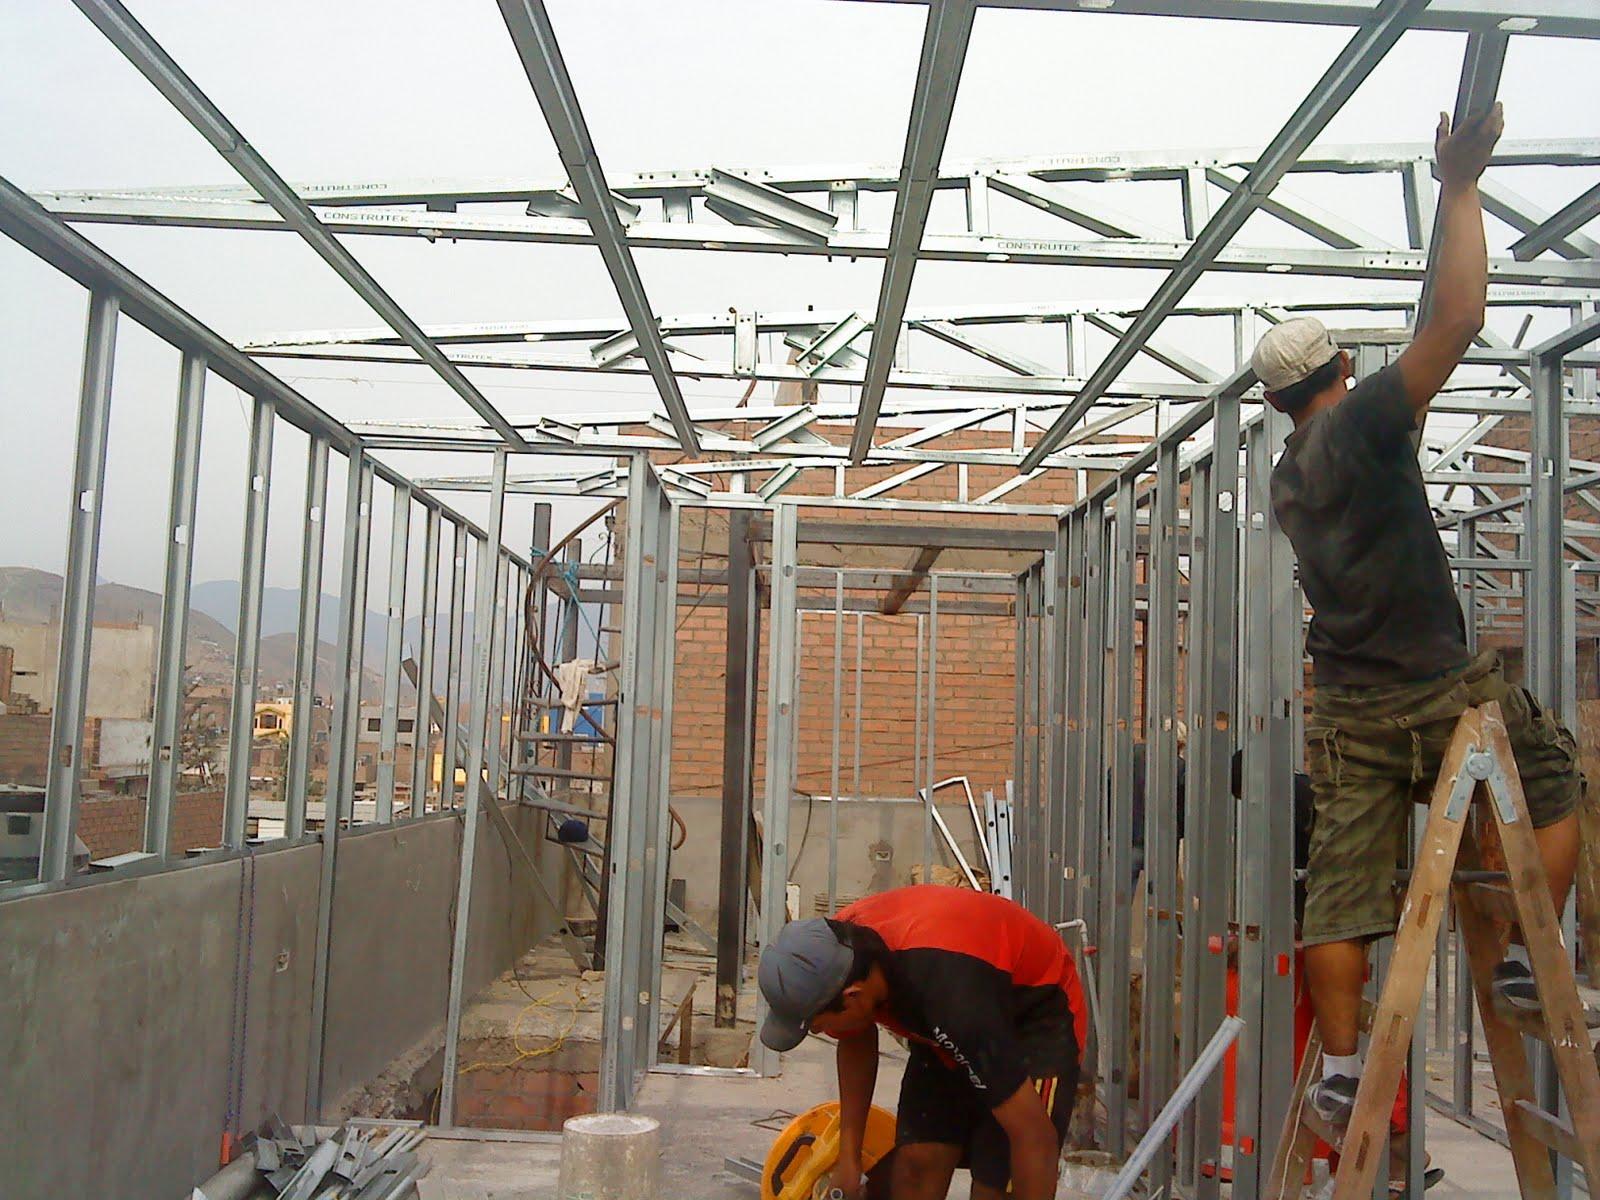 Edificaciones casas minidepartamentos drywall smp - Casas con estructura metalica ...